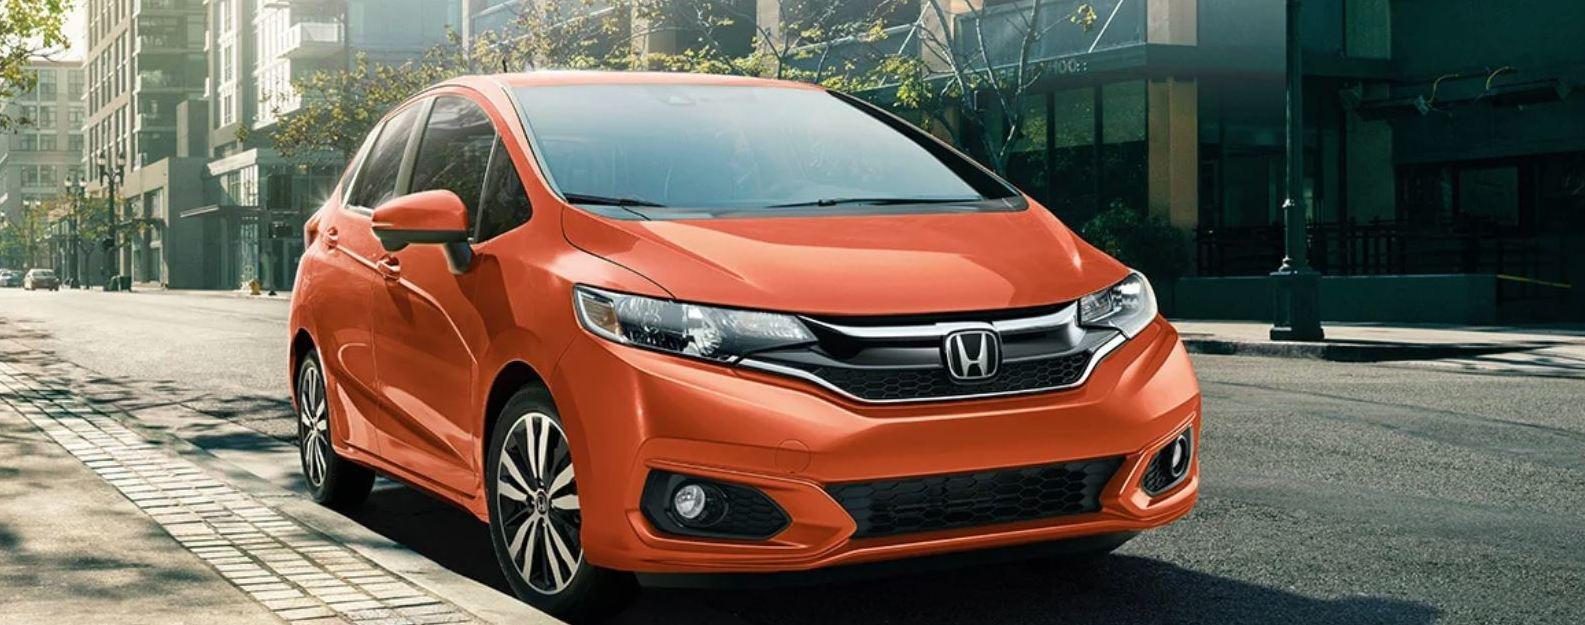 2020 Honda Fit Leasing near Arlington, VA